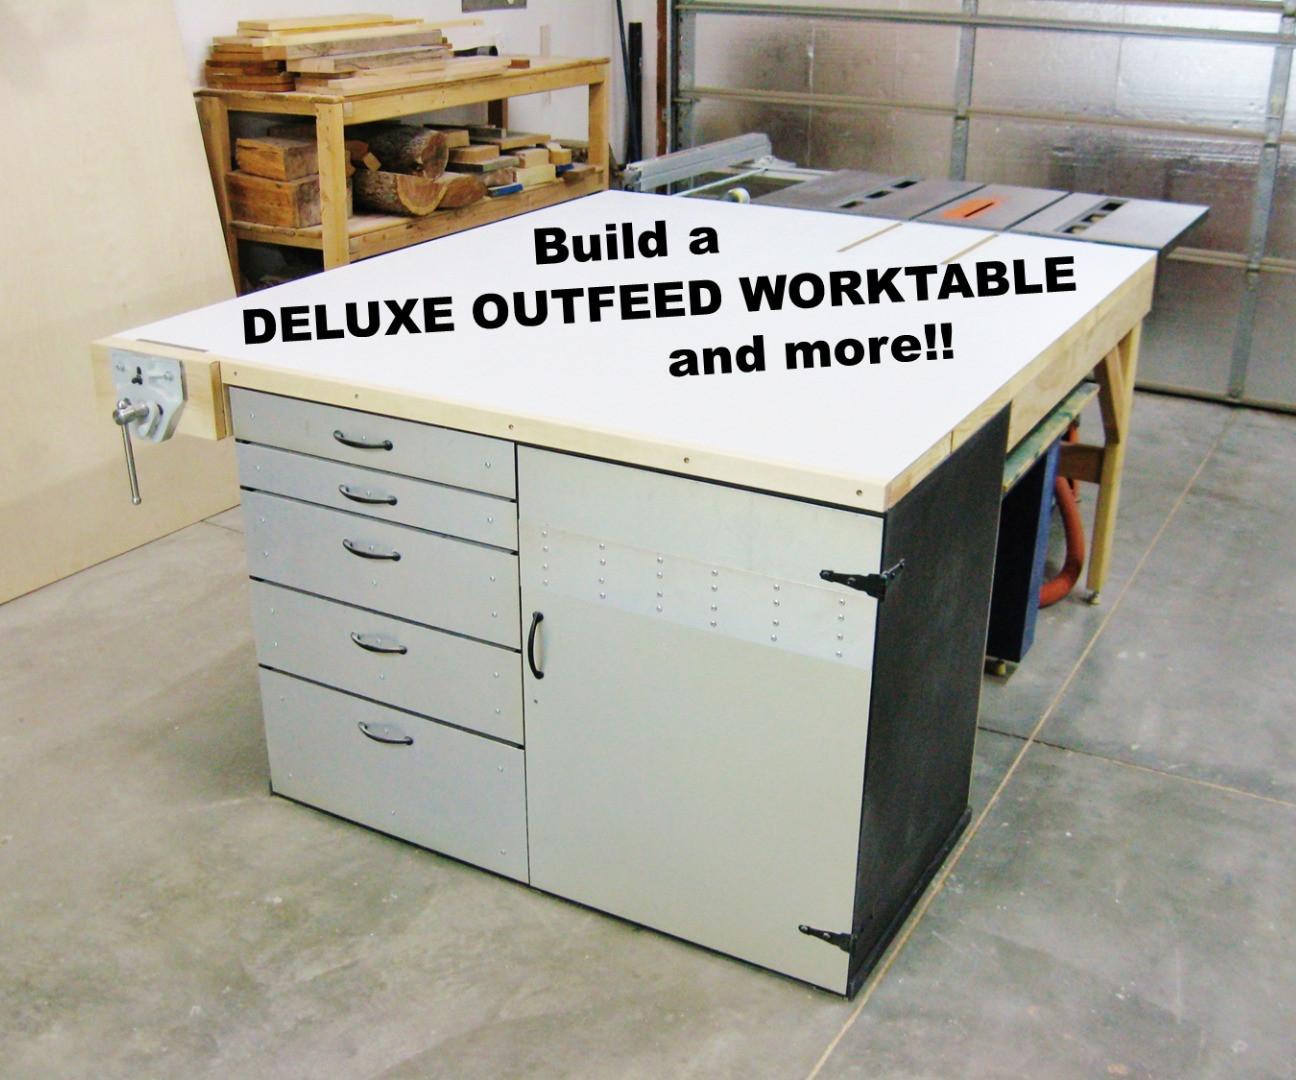 Organize Garage Workshop  Project ideas to organize your garage workshop